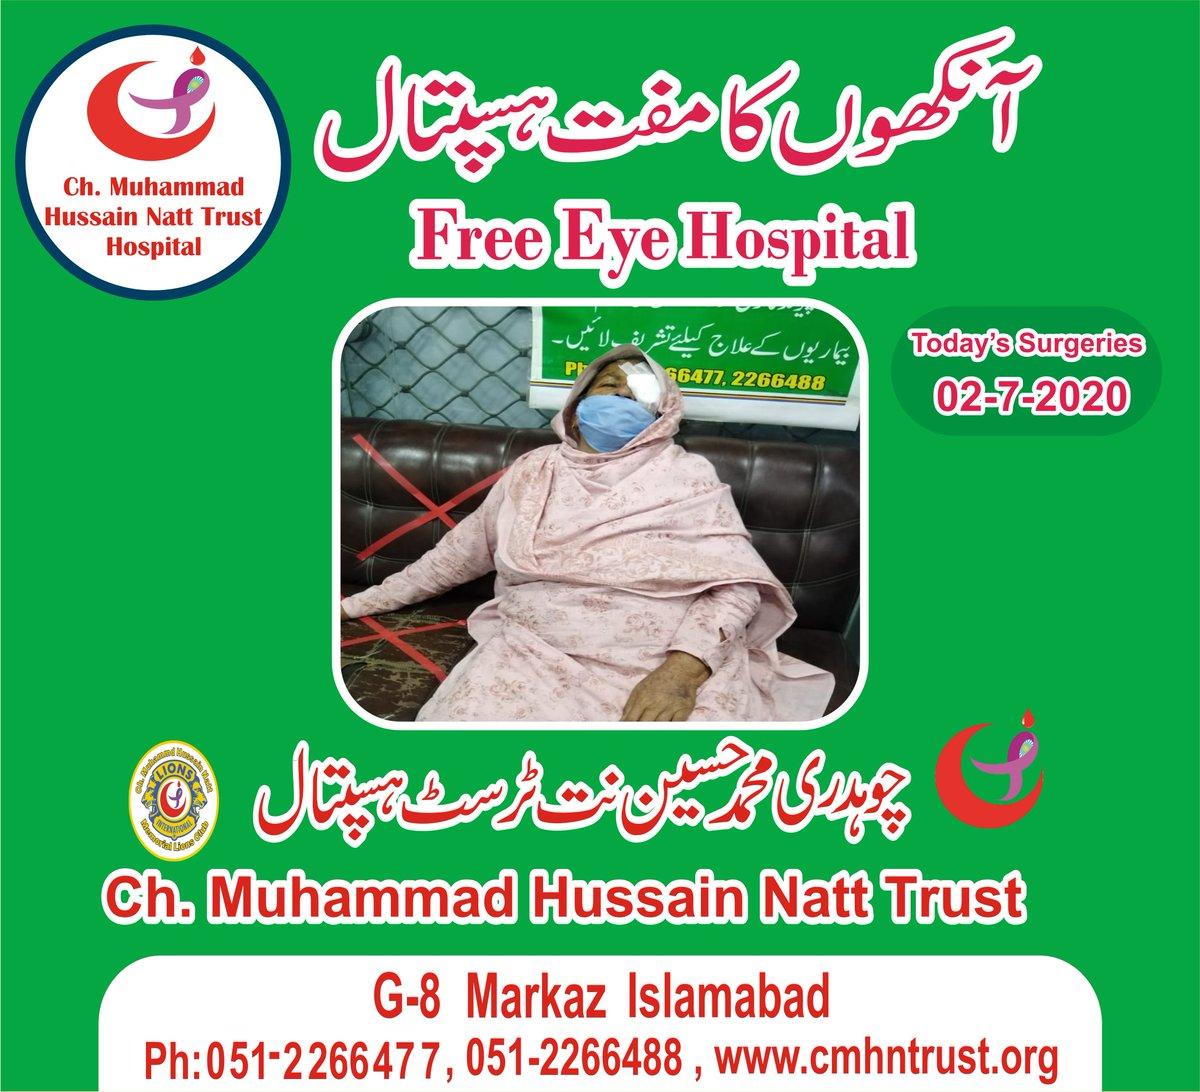 #hospital #Covid_19 #StayHome #Corona #Pakistan #Cataract #donation #eyes #ngo #Forbes #BreakingNews #Madinah #Makkah #Lahore #Karachi #dubai #العدالة_للطفل_السوري https://t.co/vTzFmifdrV